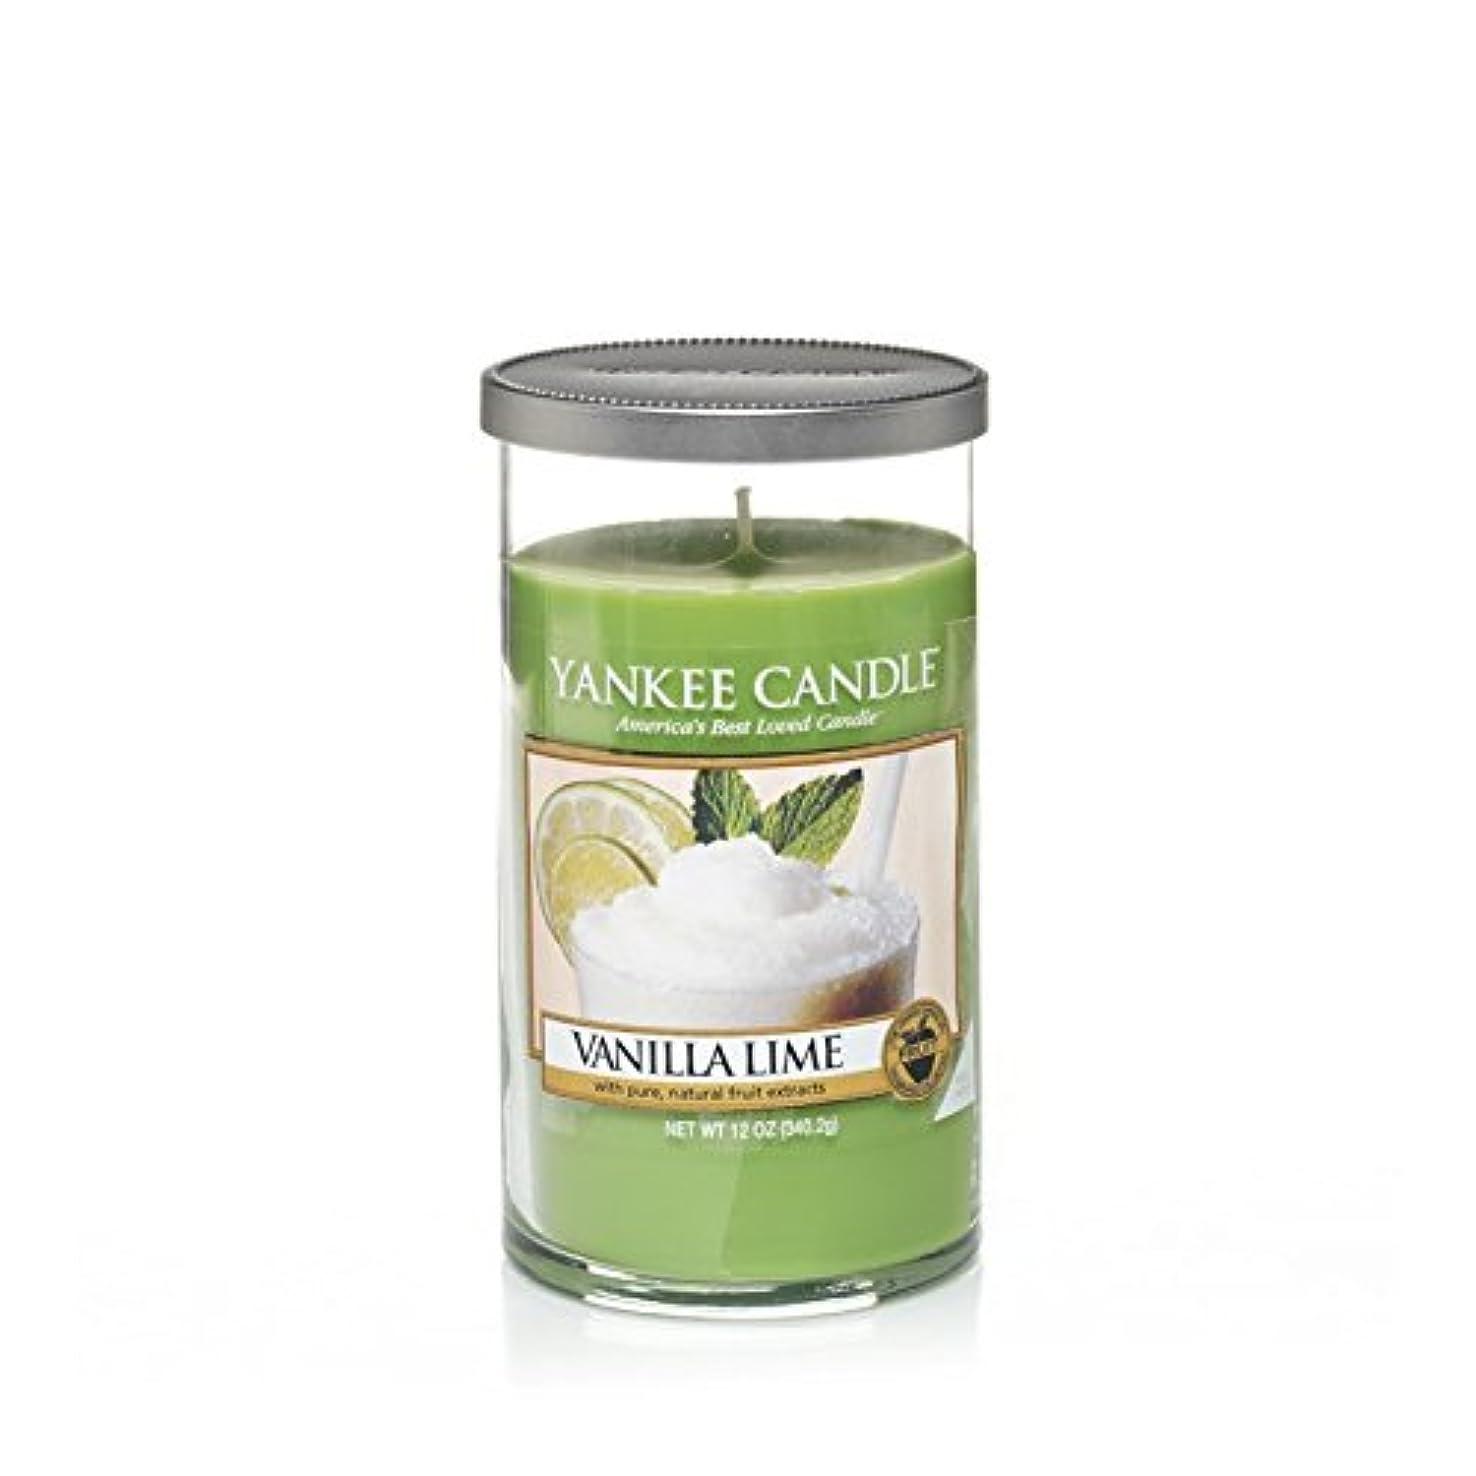 テキストドロージャケットYankee Candles Medium Pillar Candle - Vanilla Lime (Pack of 6) - ヤンキーキャンドルメディアピラーキャンドル - バニラライム (x6) [並行輸入品]